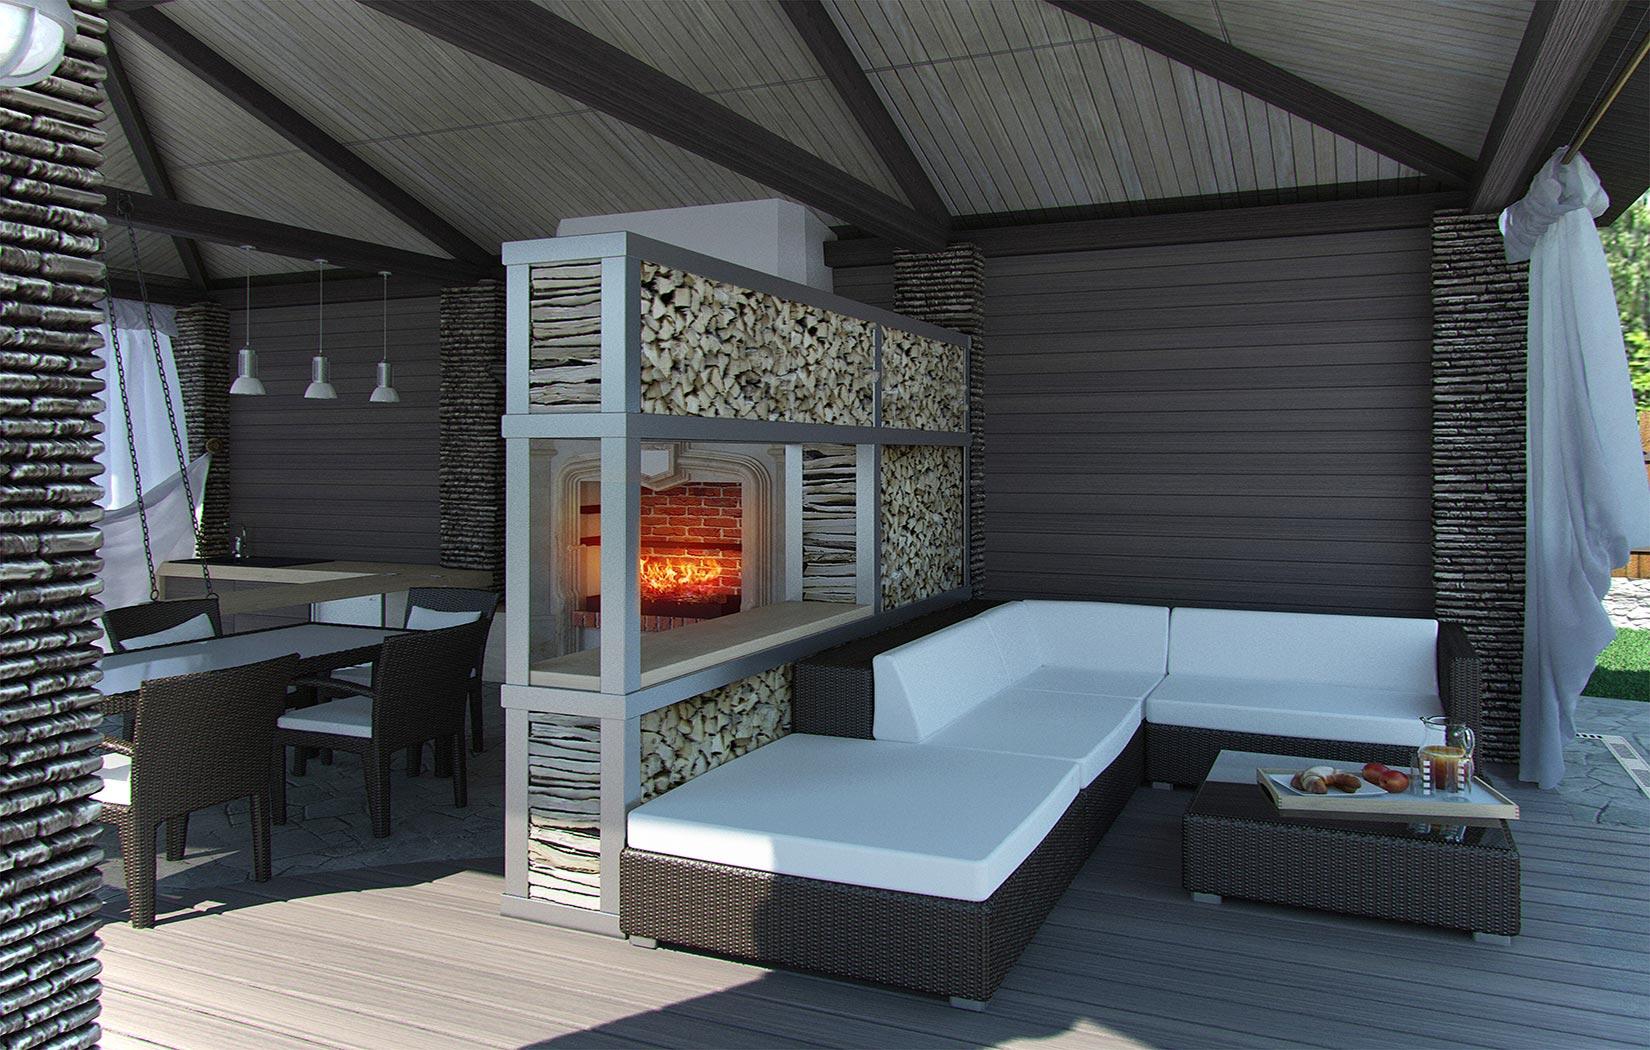 Wpc-terrassendielen Kunststoff-terrassendecks Coburg, Kronach ... Wpc Terrassendielen Kunststoff